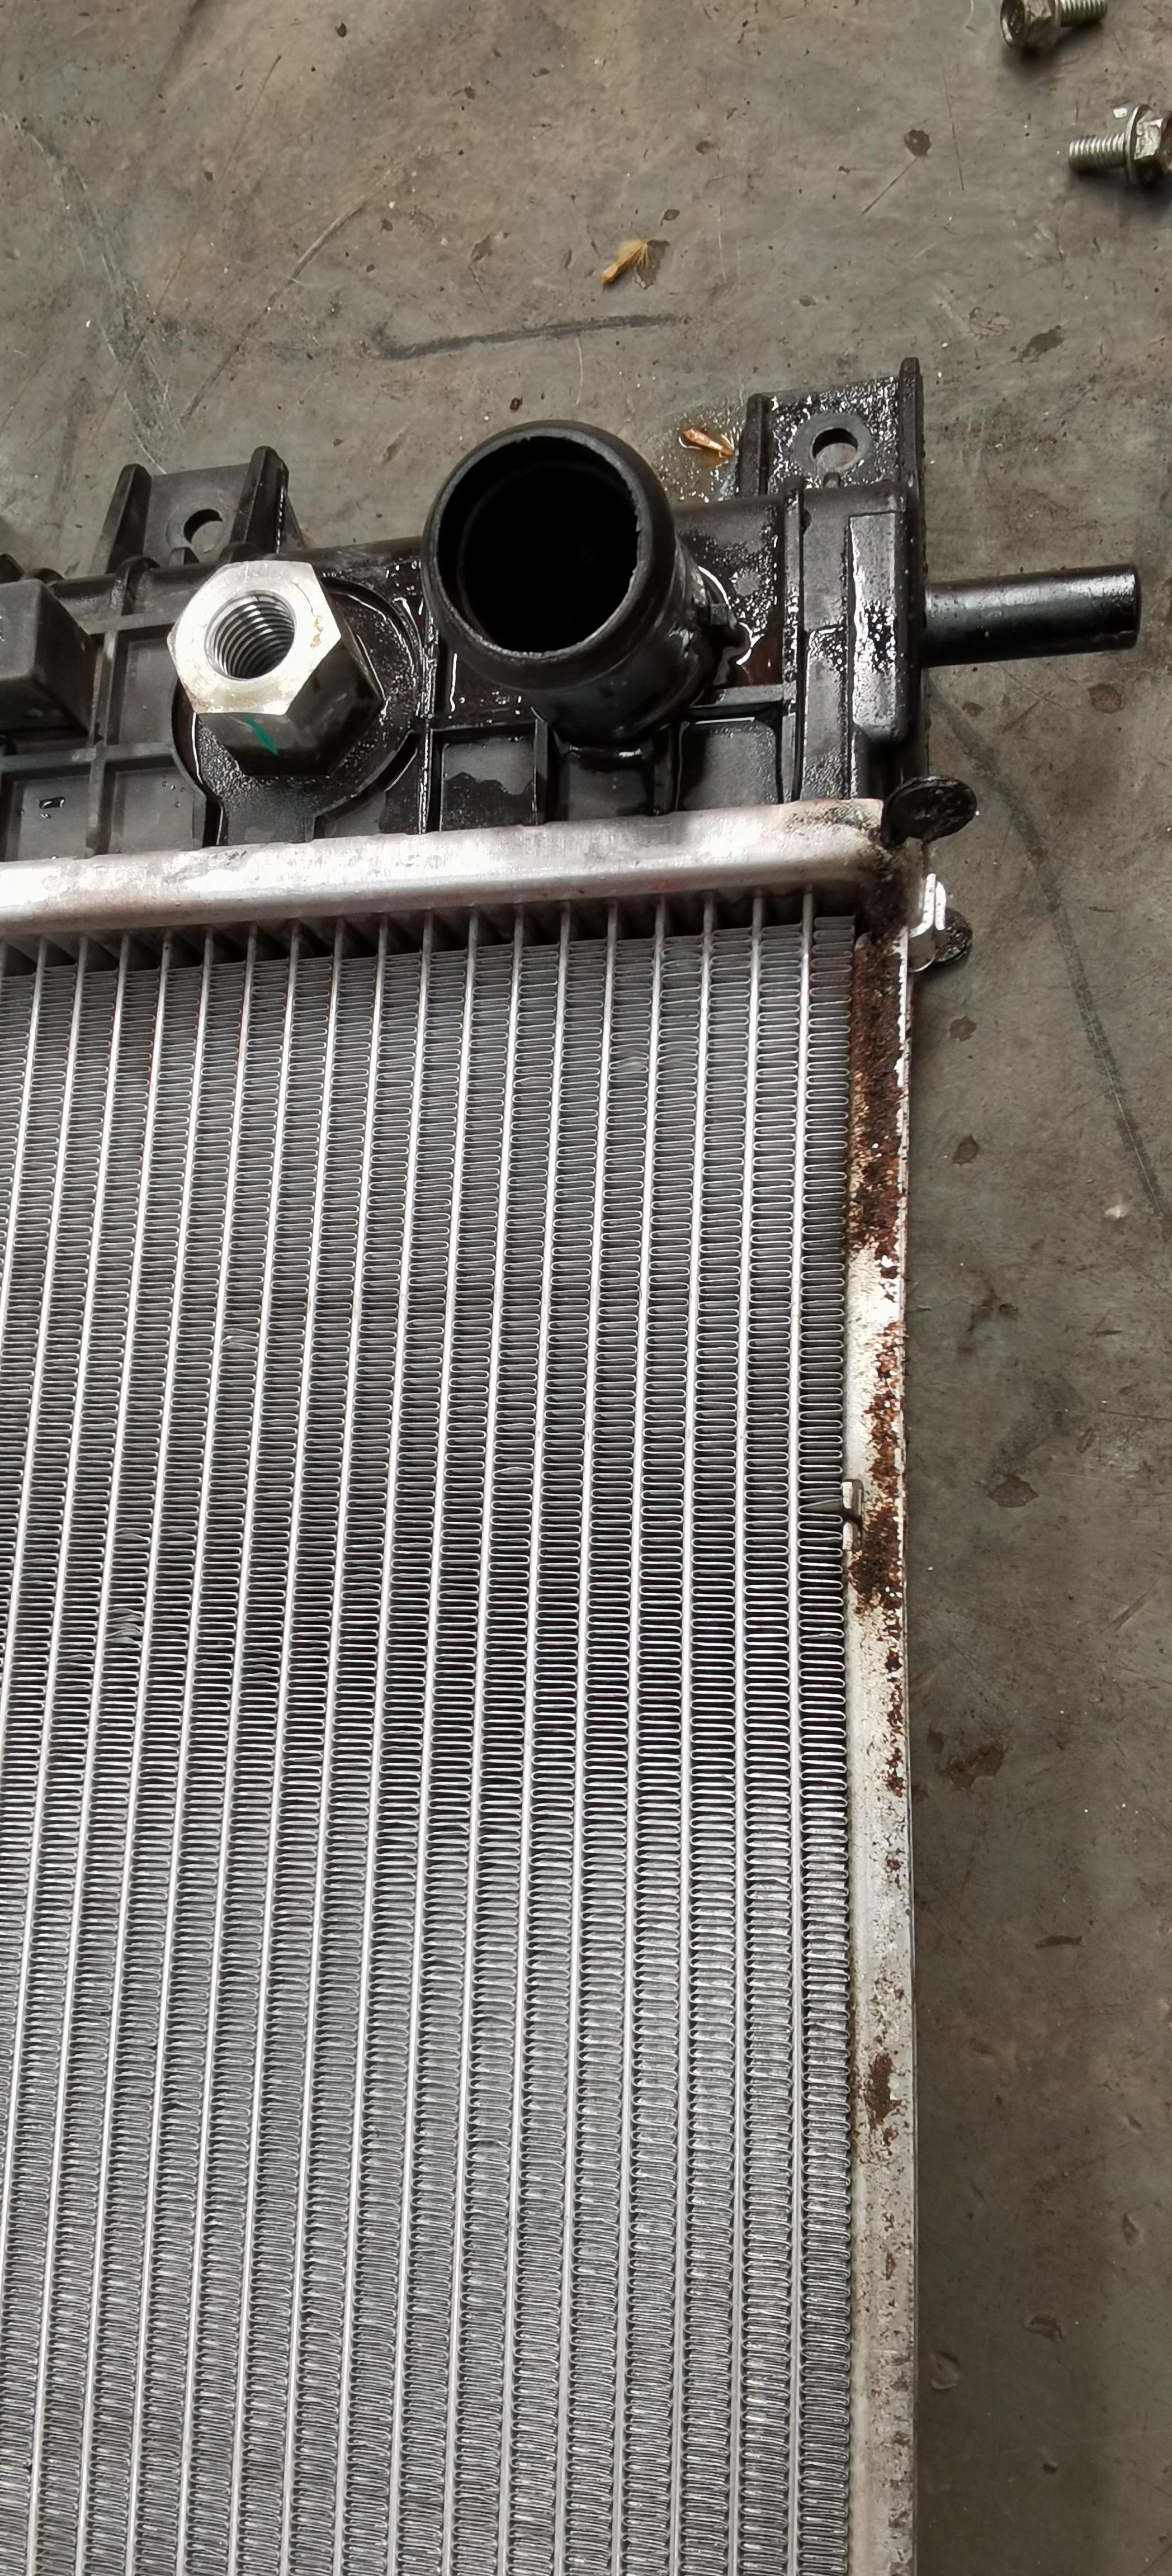 奇瑞汽车-艾瑞泽GX车辆水箱质量差和中控屏不够智能化